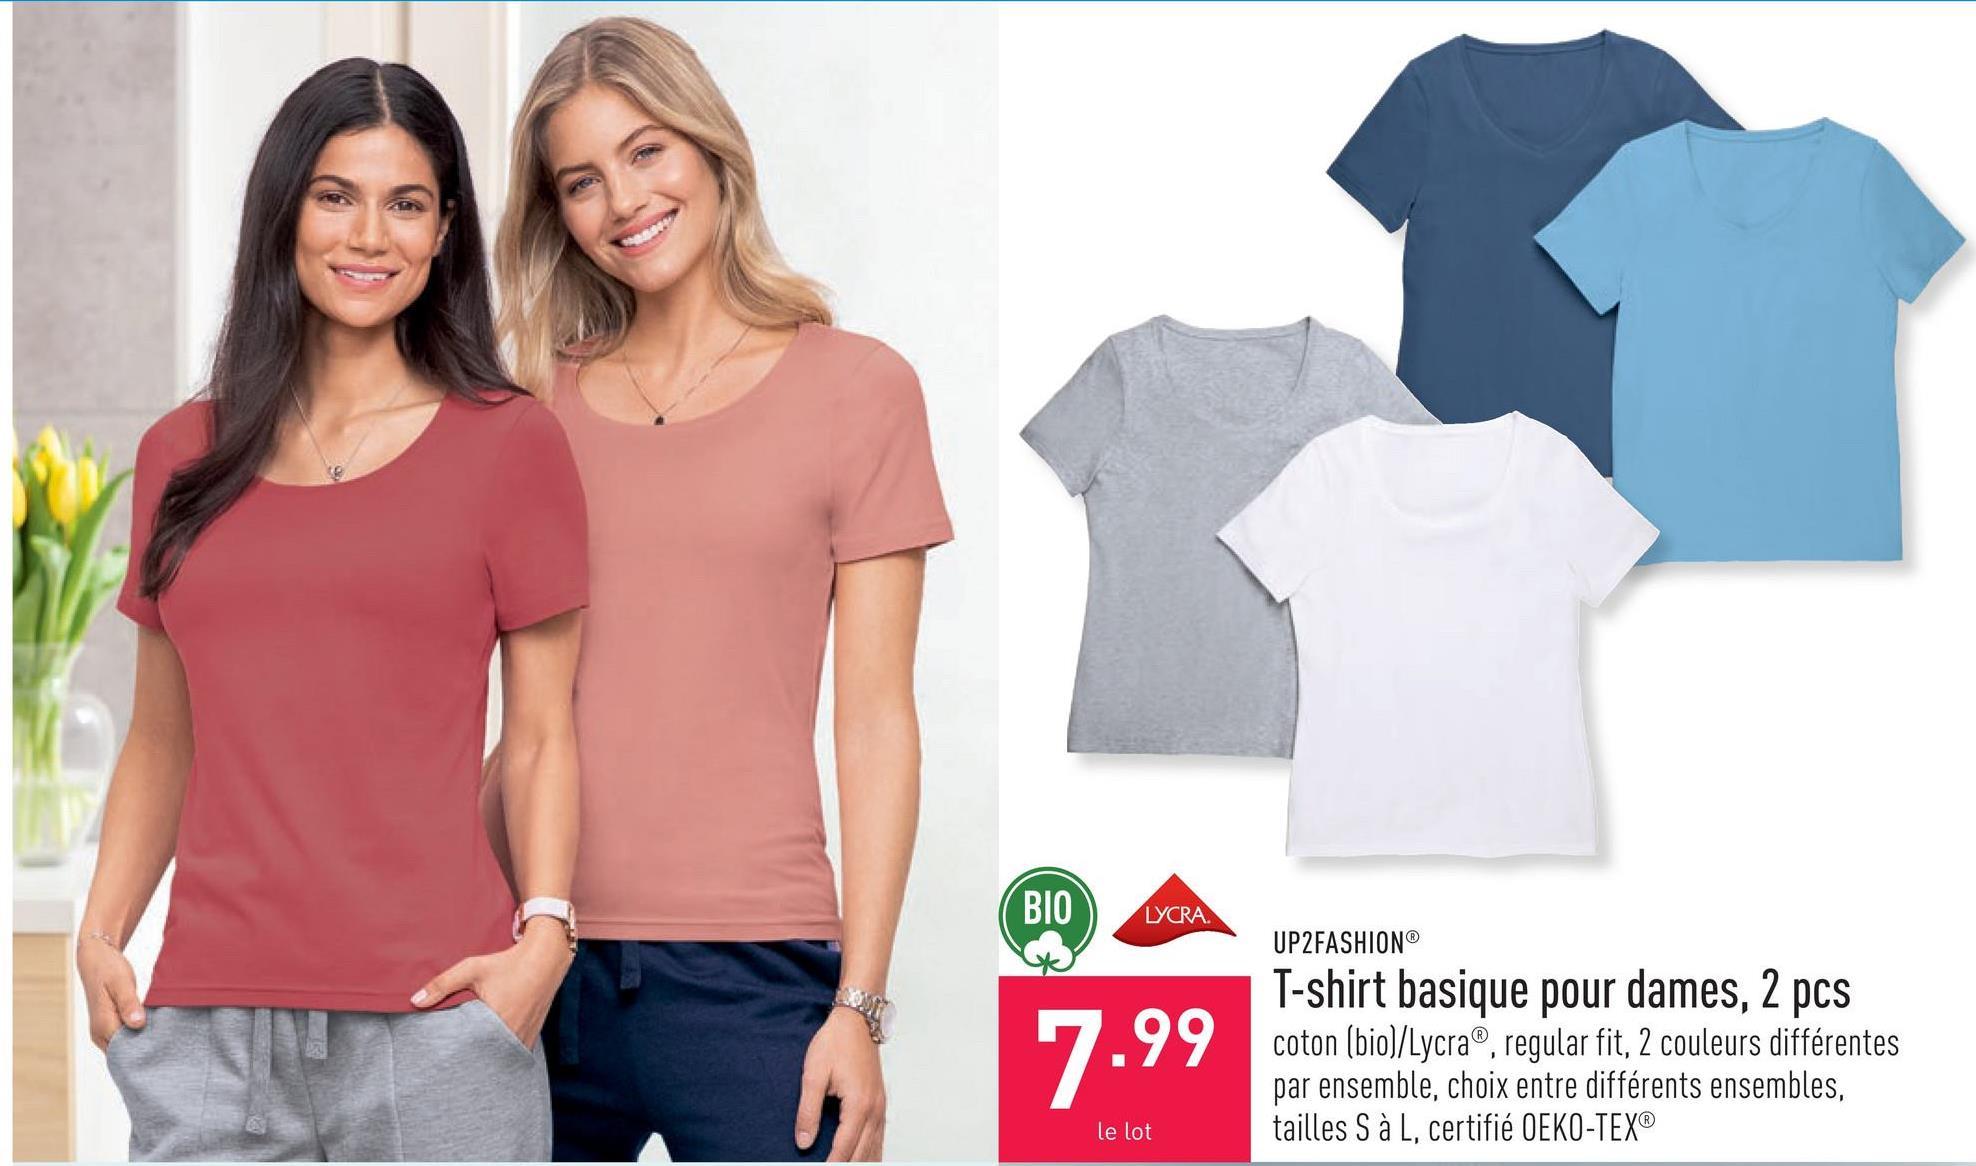 T-shirt basique pour dames, 2 pcs coton (bio)/Lycra®, regular fit, 2 couleurs différentes par ensemble, choix entre différents ensembles, tailles S à L, certifié OEKO-TEX®